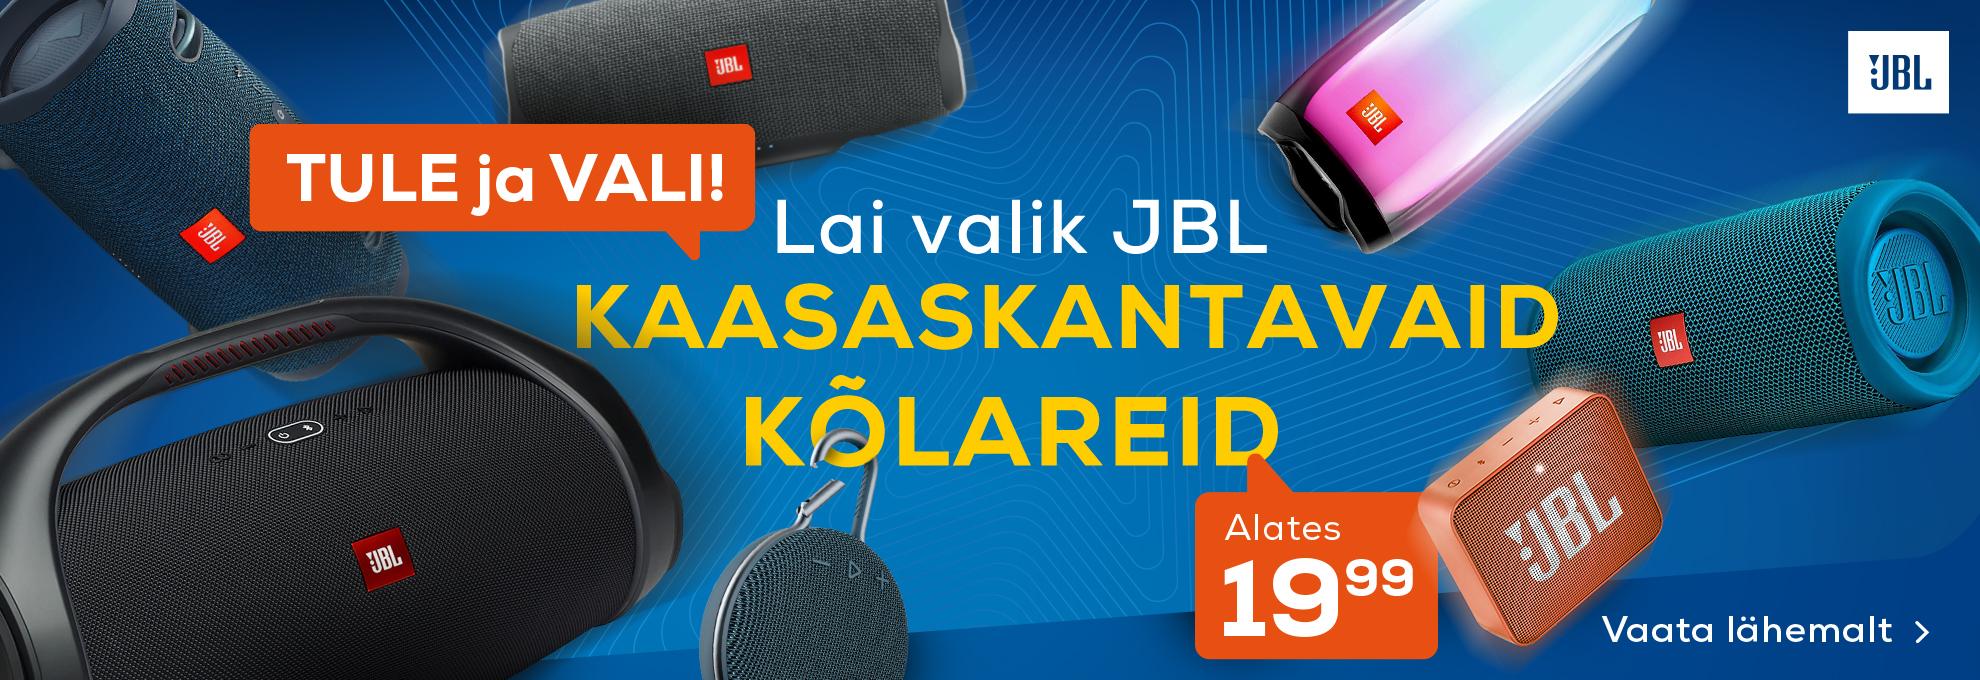 Lai valik JBL kaasaskantavaid kõlareid!